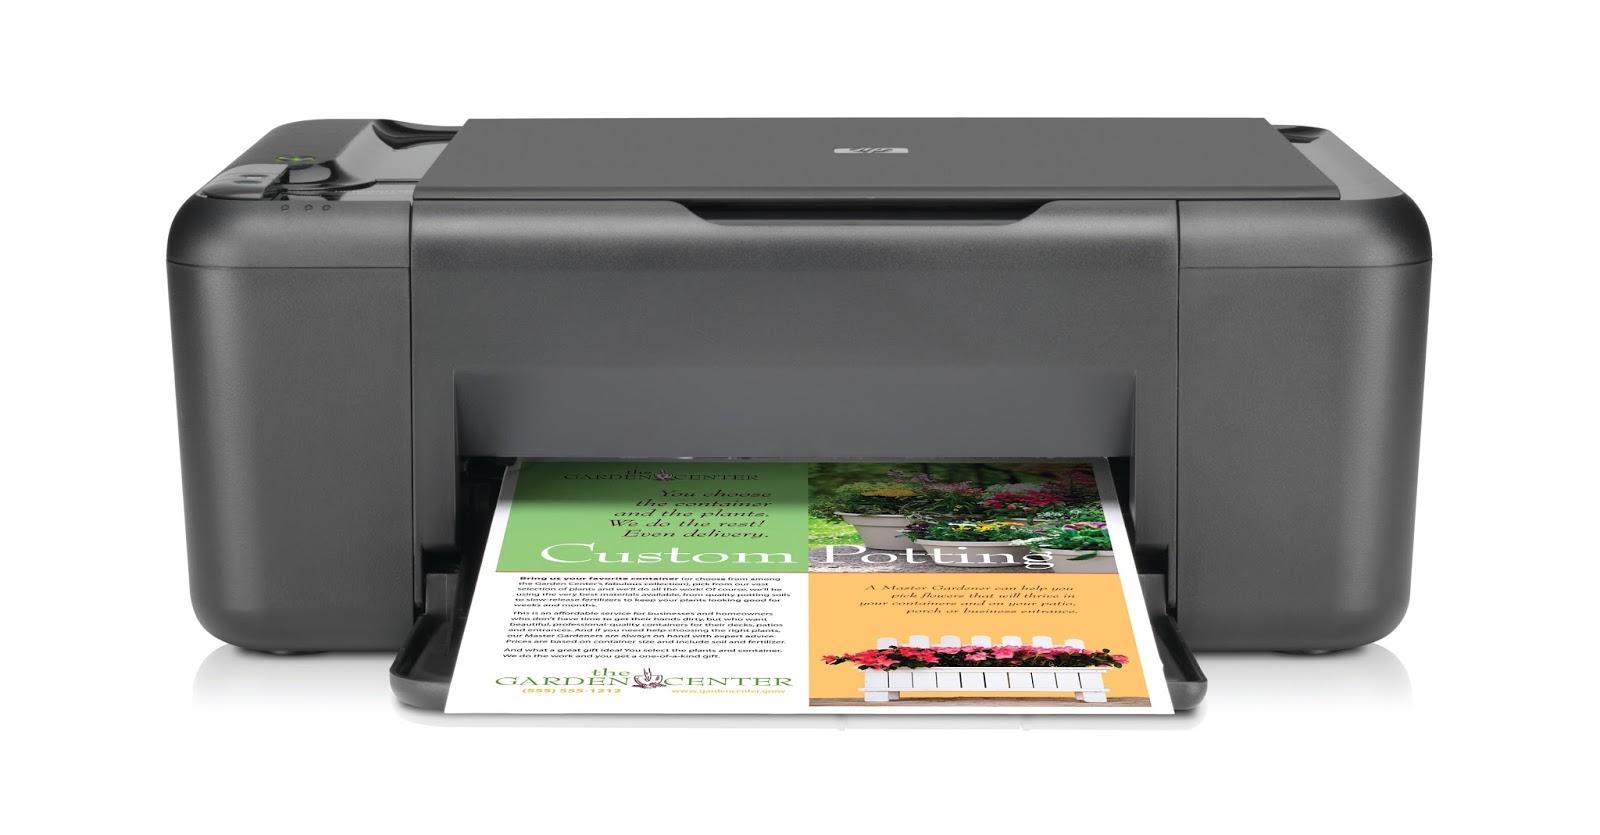 Скачать драйвер на принтер нр в010